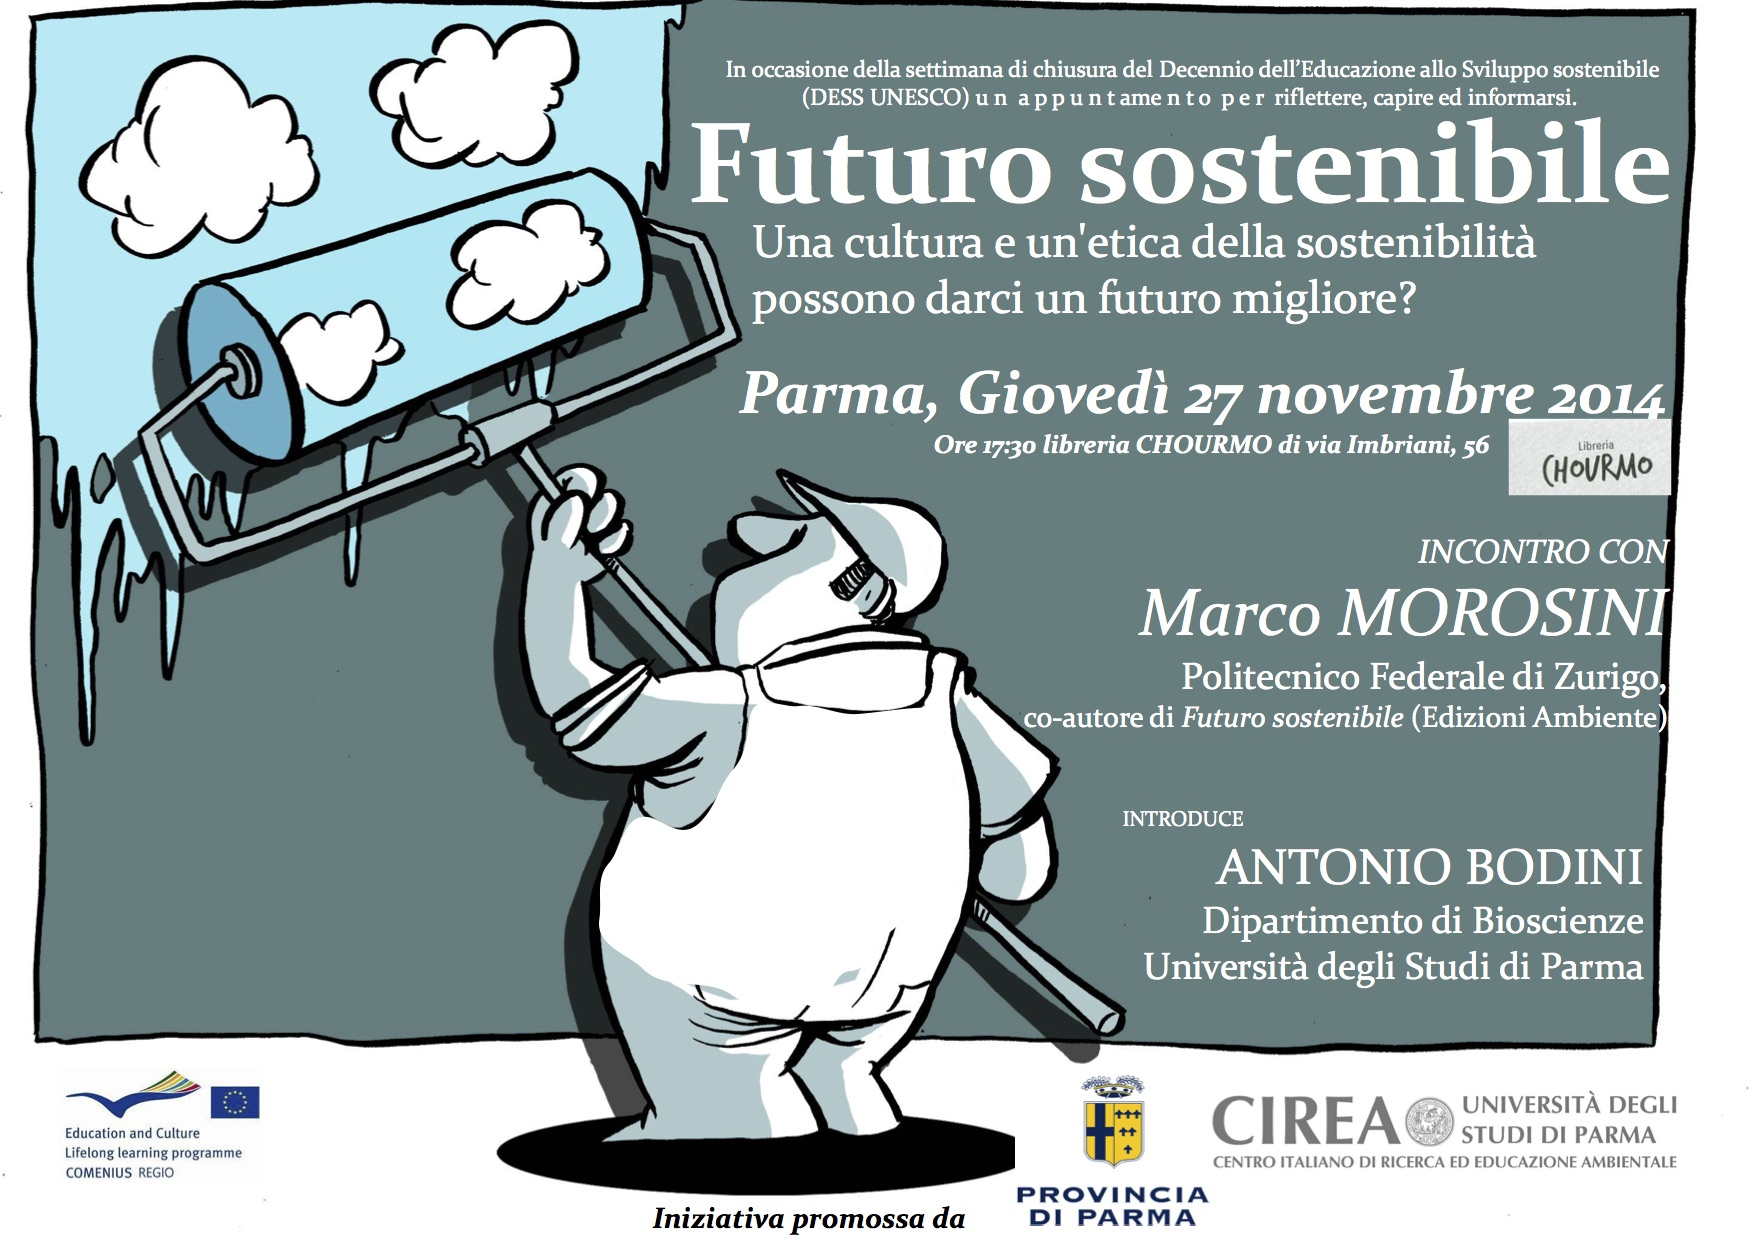 27 novembre 2014: Futuro sostenibile Cultura, etica, impegno civile possono davvero darci un futuro migliore?